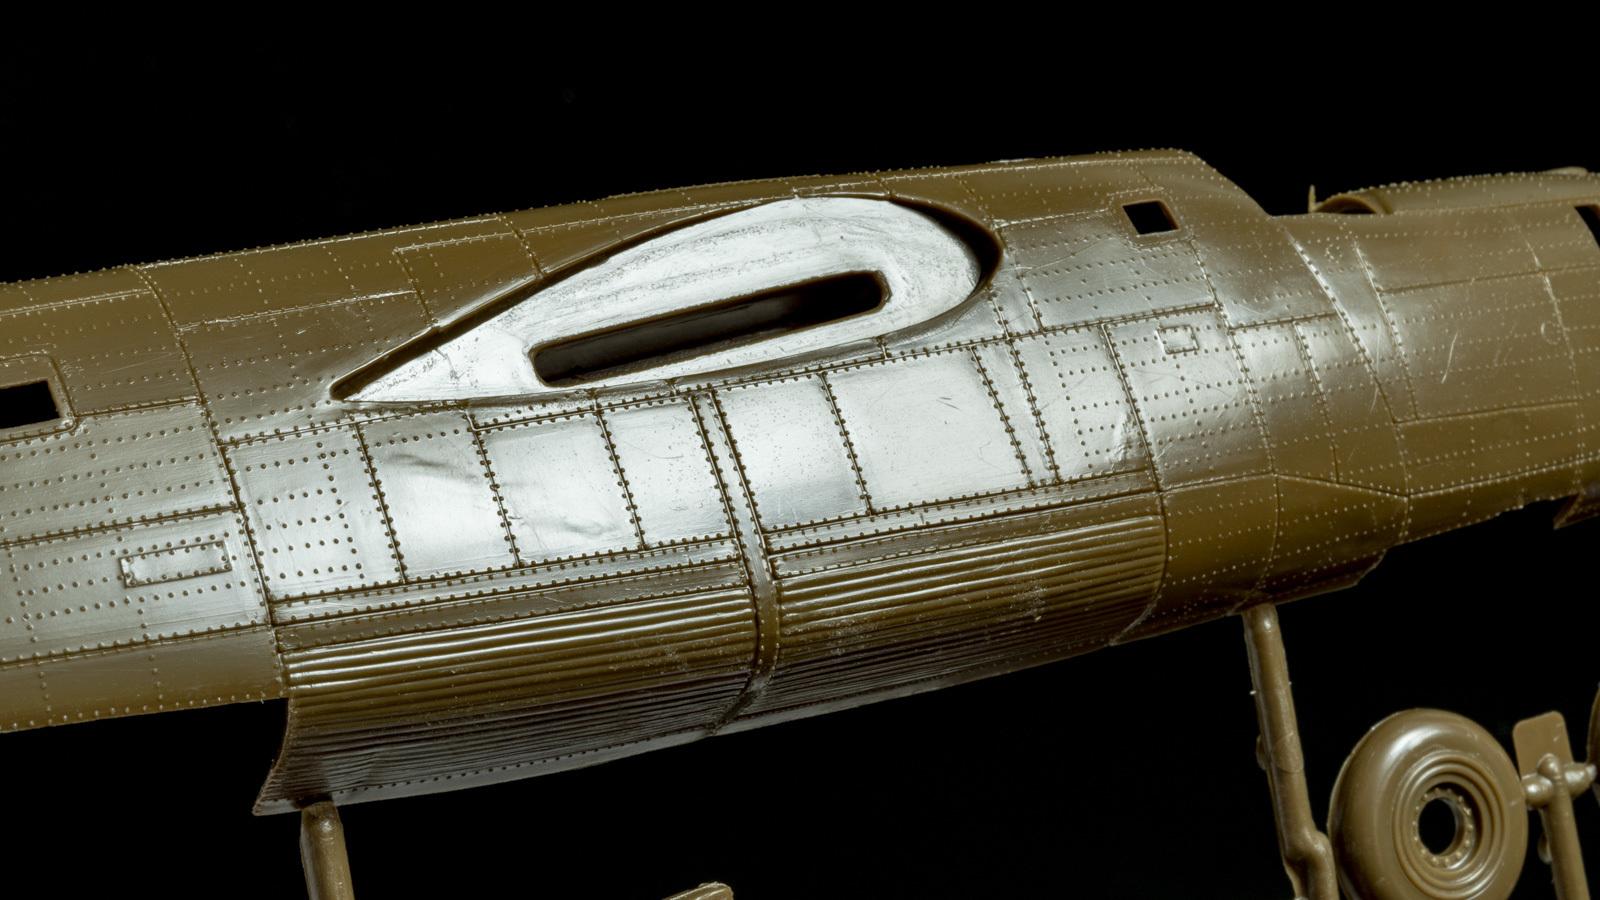 【パチ組みの月曜日】60年前の舶来キット、B-24リベレーターを貼る_b0029315_22203834.jpg